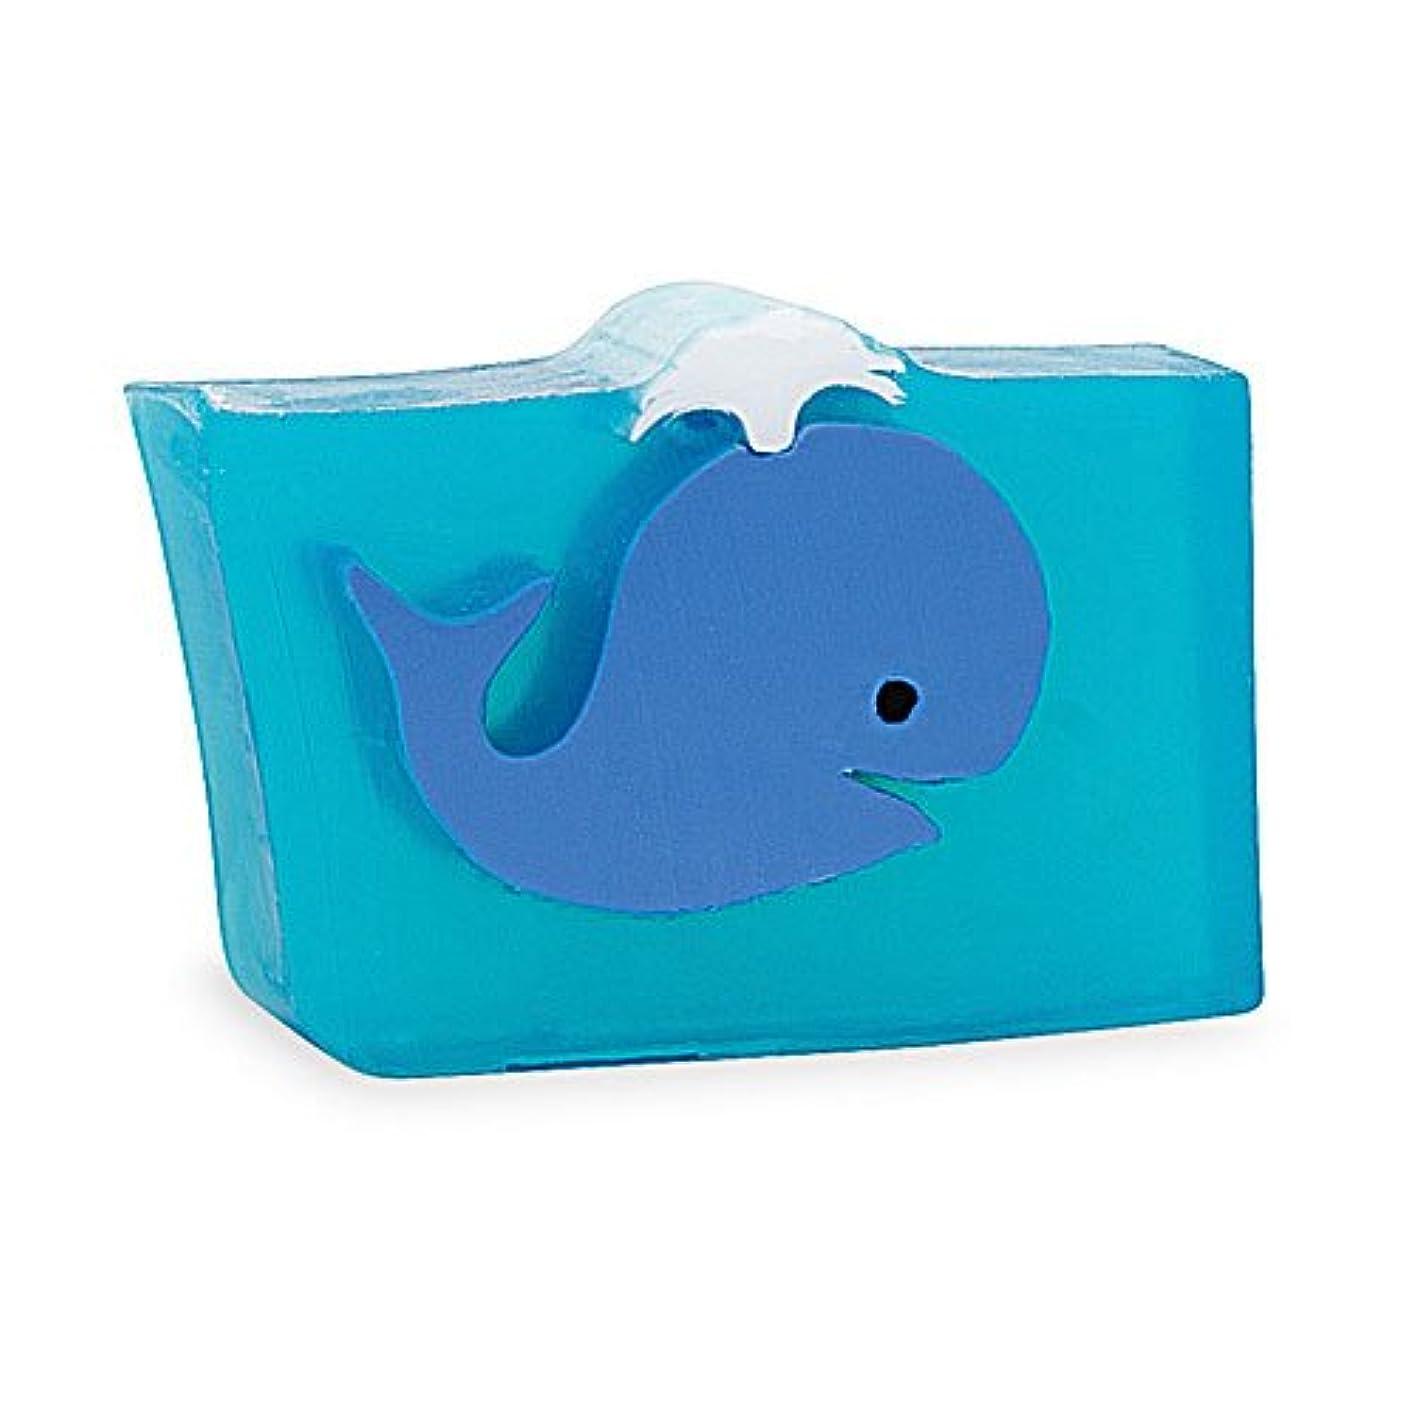 最近広告する引き渡すプライモールエレメンツ アロマティック ソープ クジラ 180g 植物性 ナチュラル 石鹸 無添加